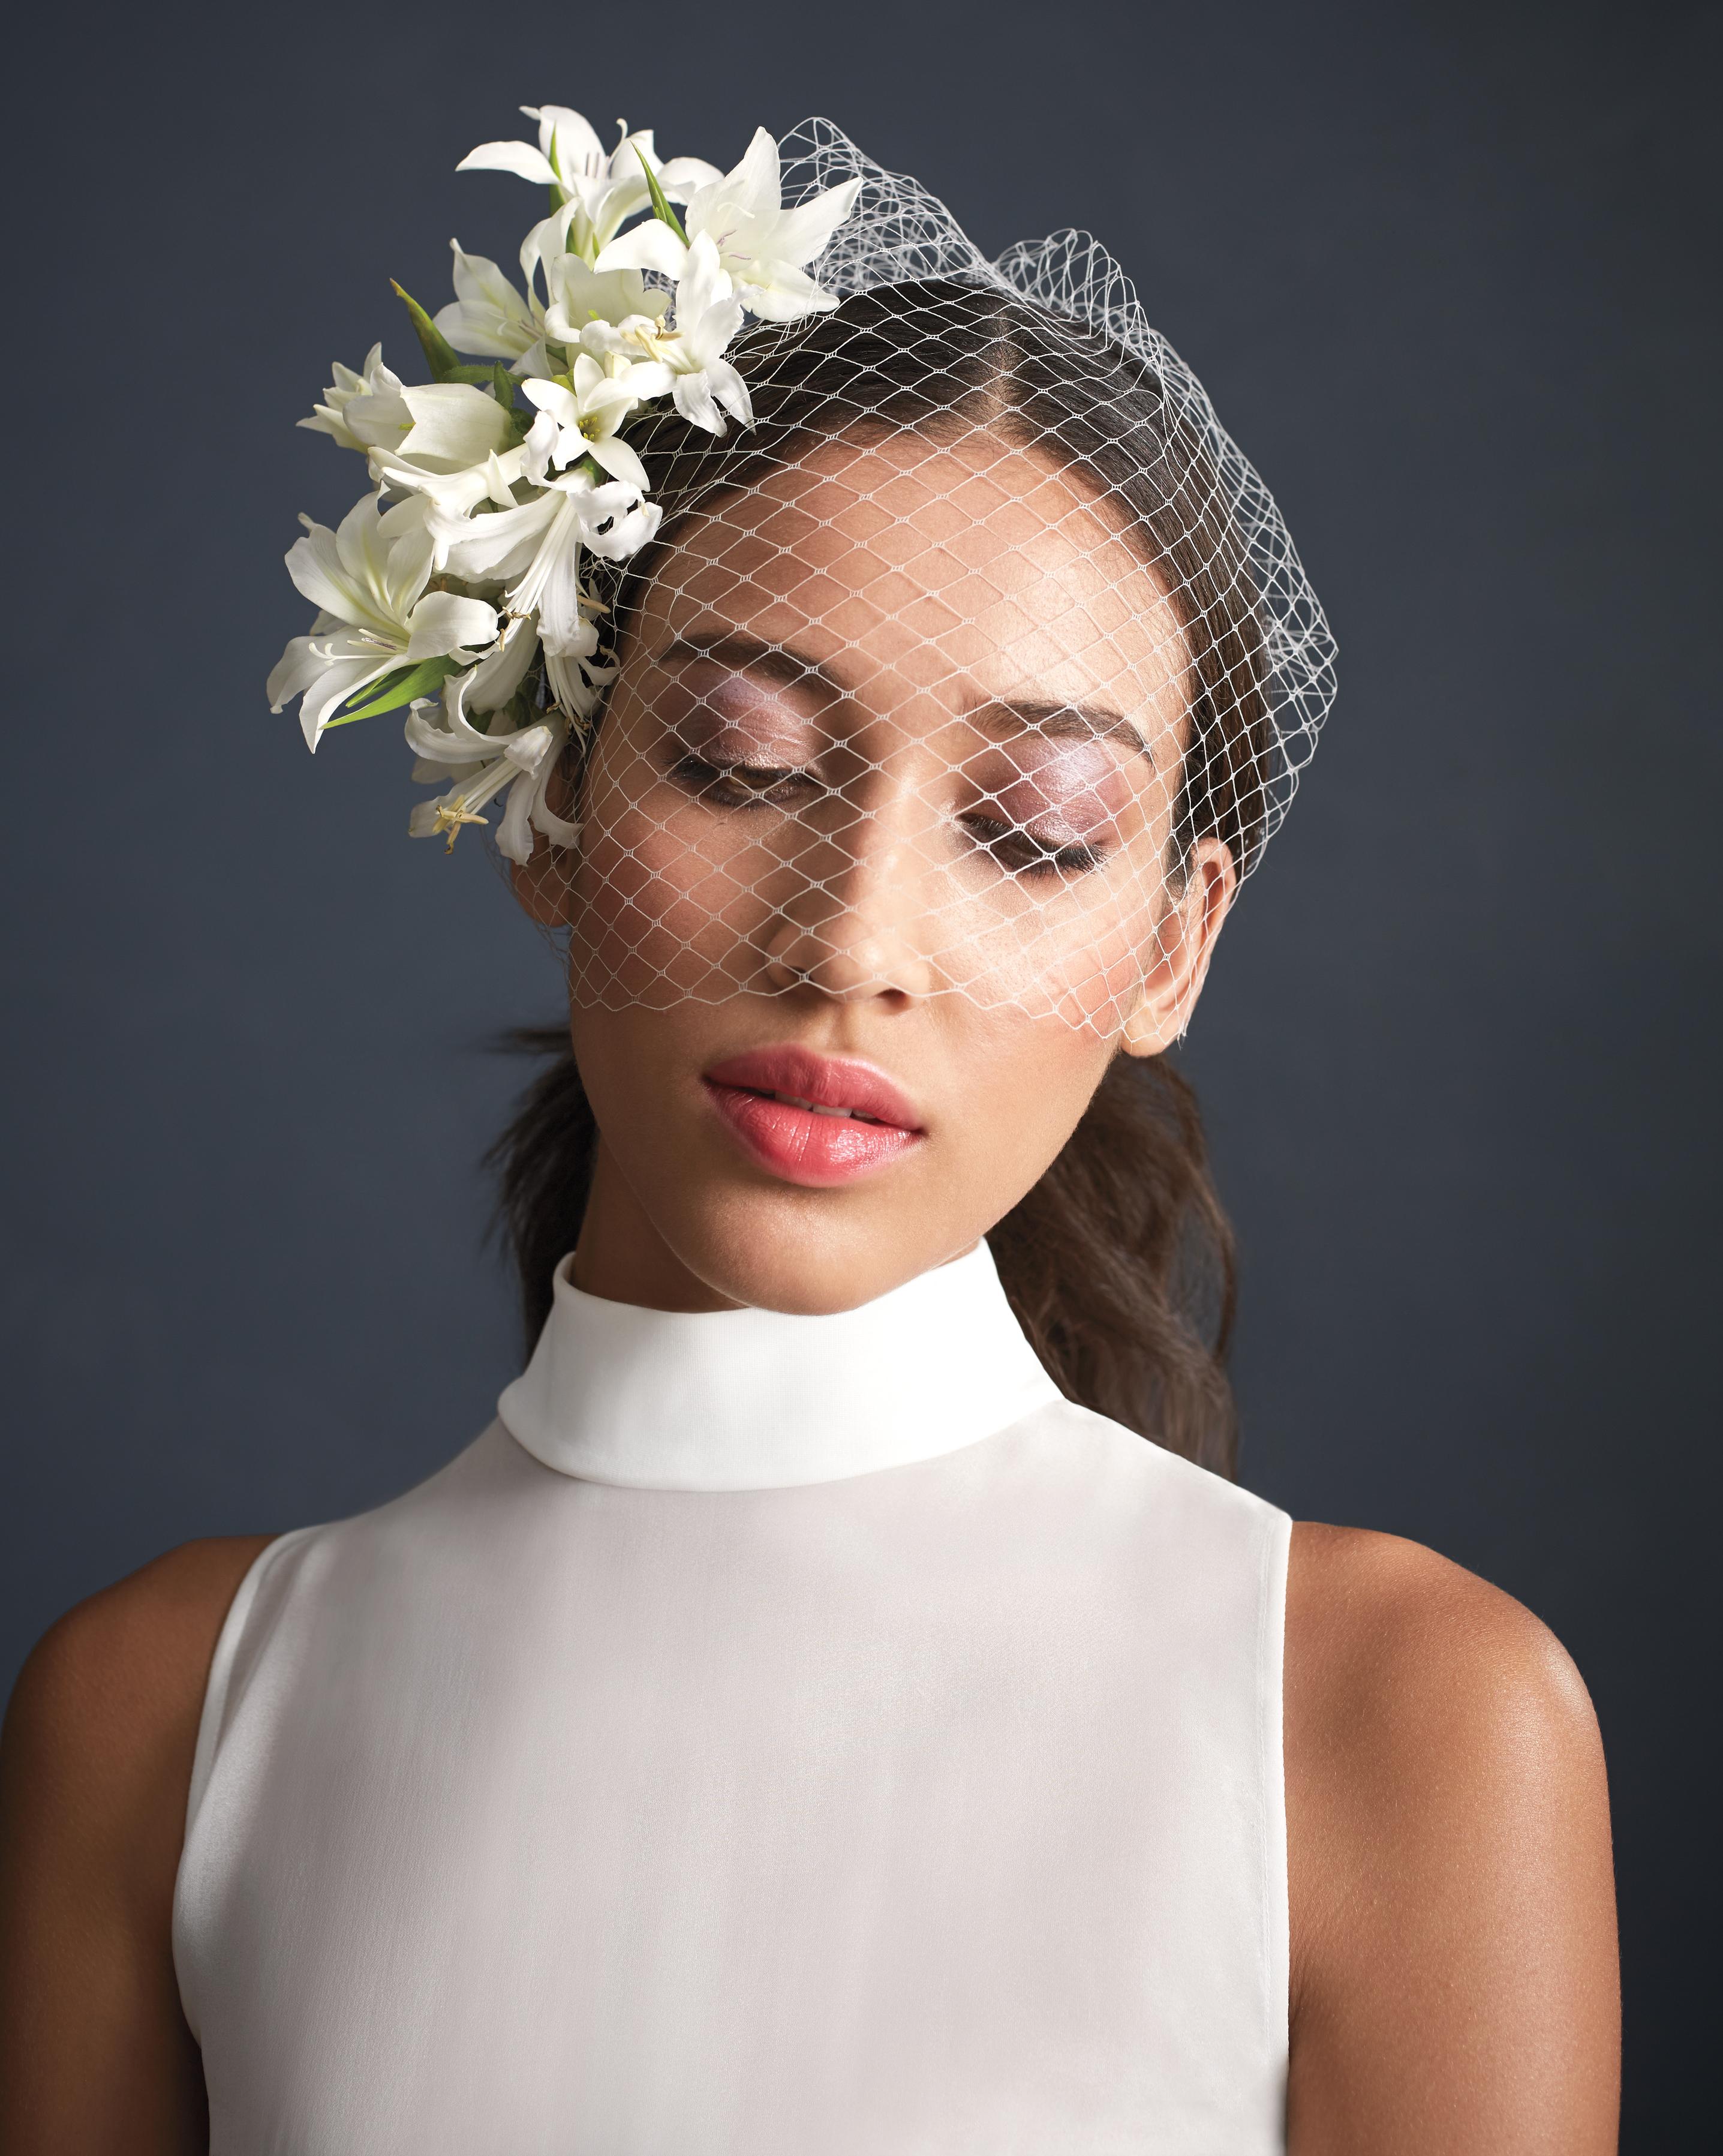 modern-bride-floral-fascinator-075-d111584.jpg